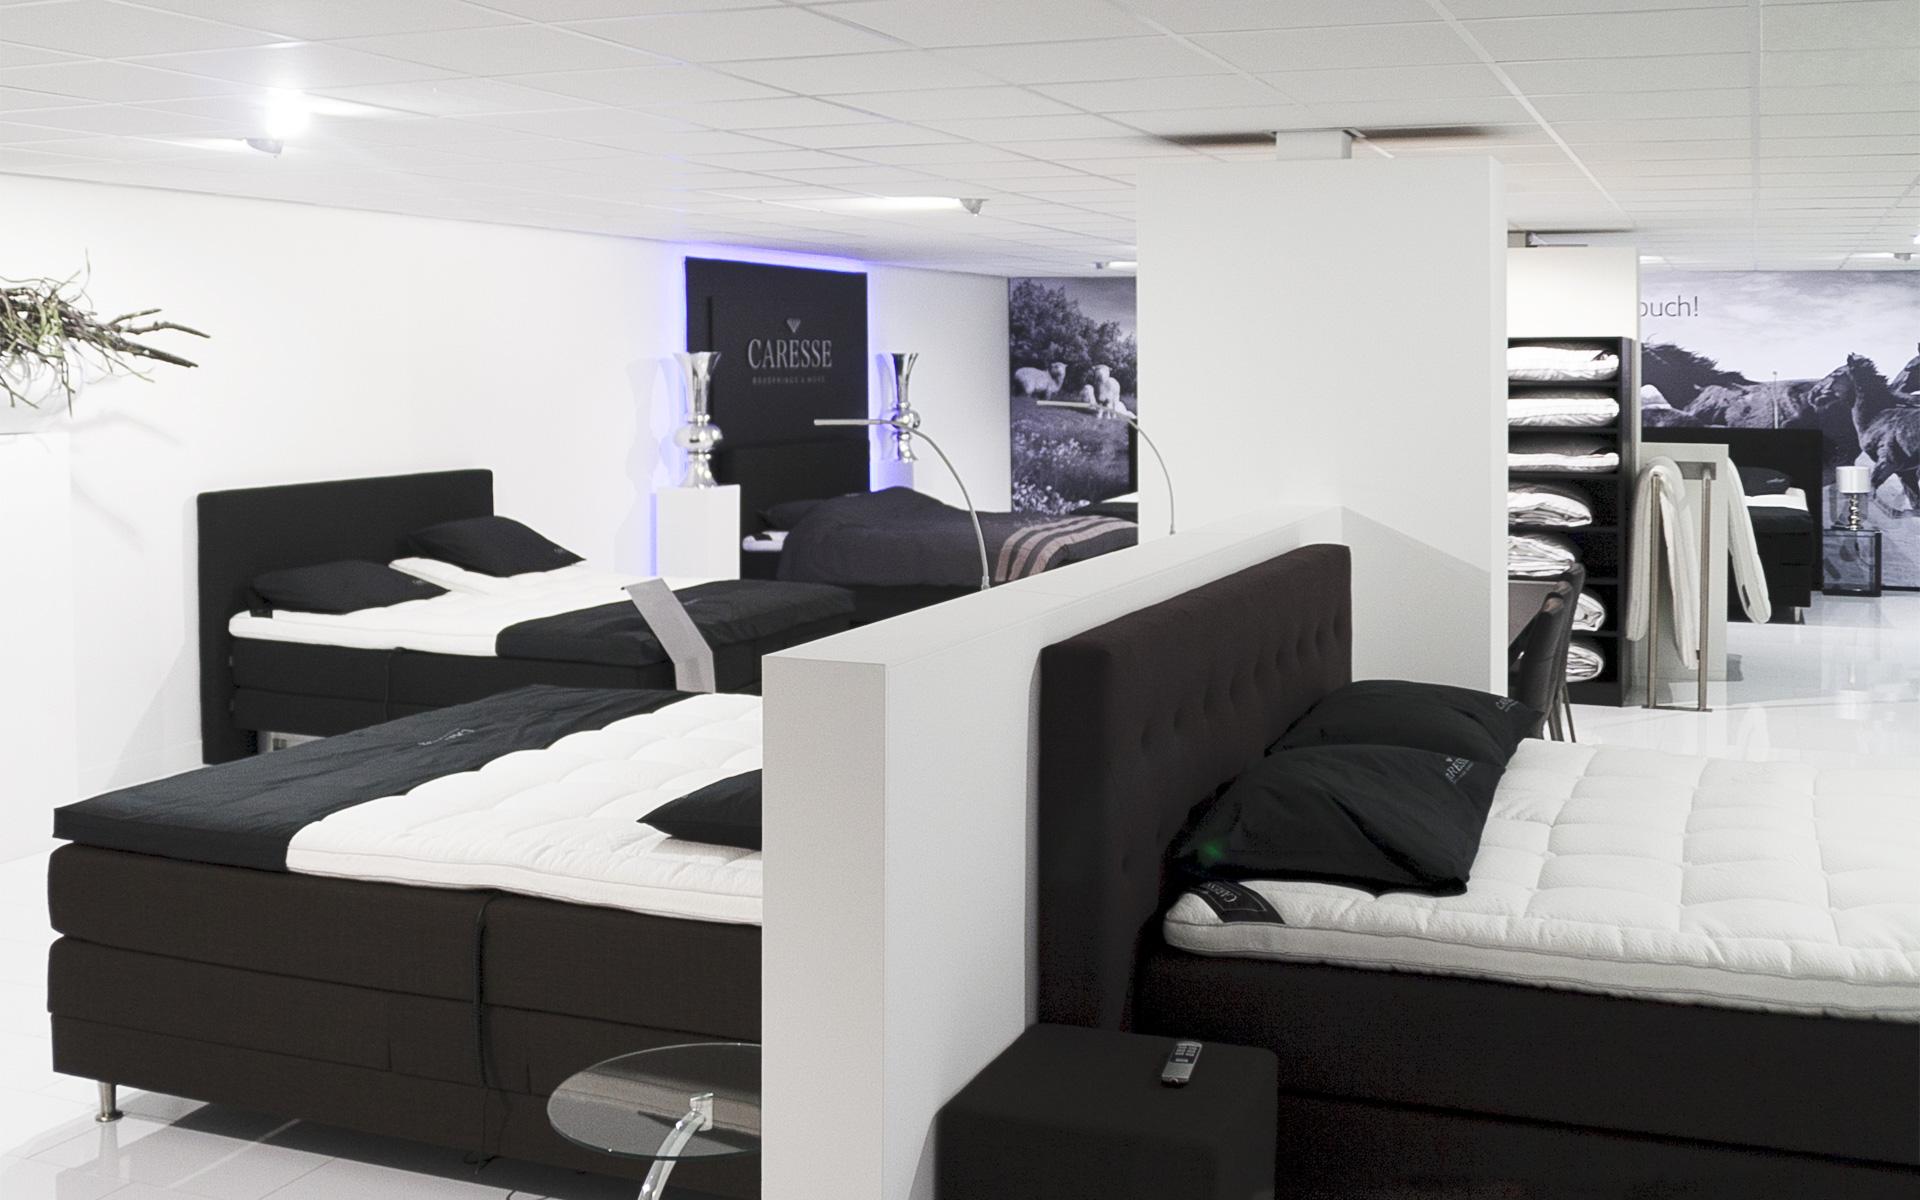 Slaapkamer Meubels Waalwijk : Verbruggen slaapkamers u2013 caresse u2013 boxsprings and more